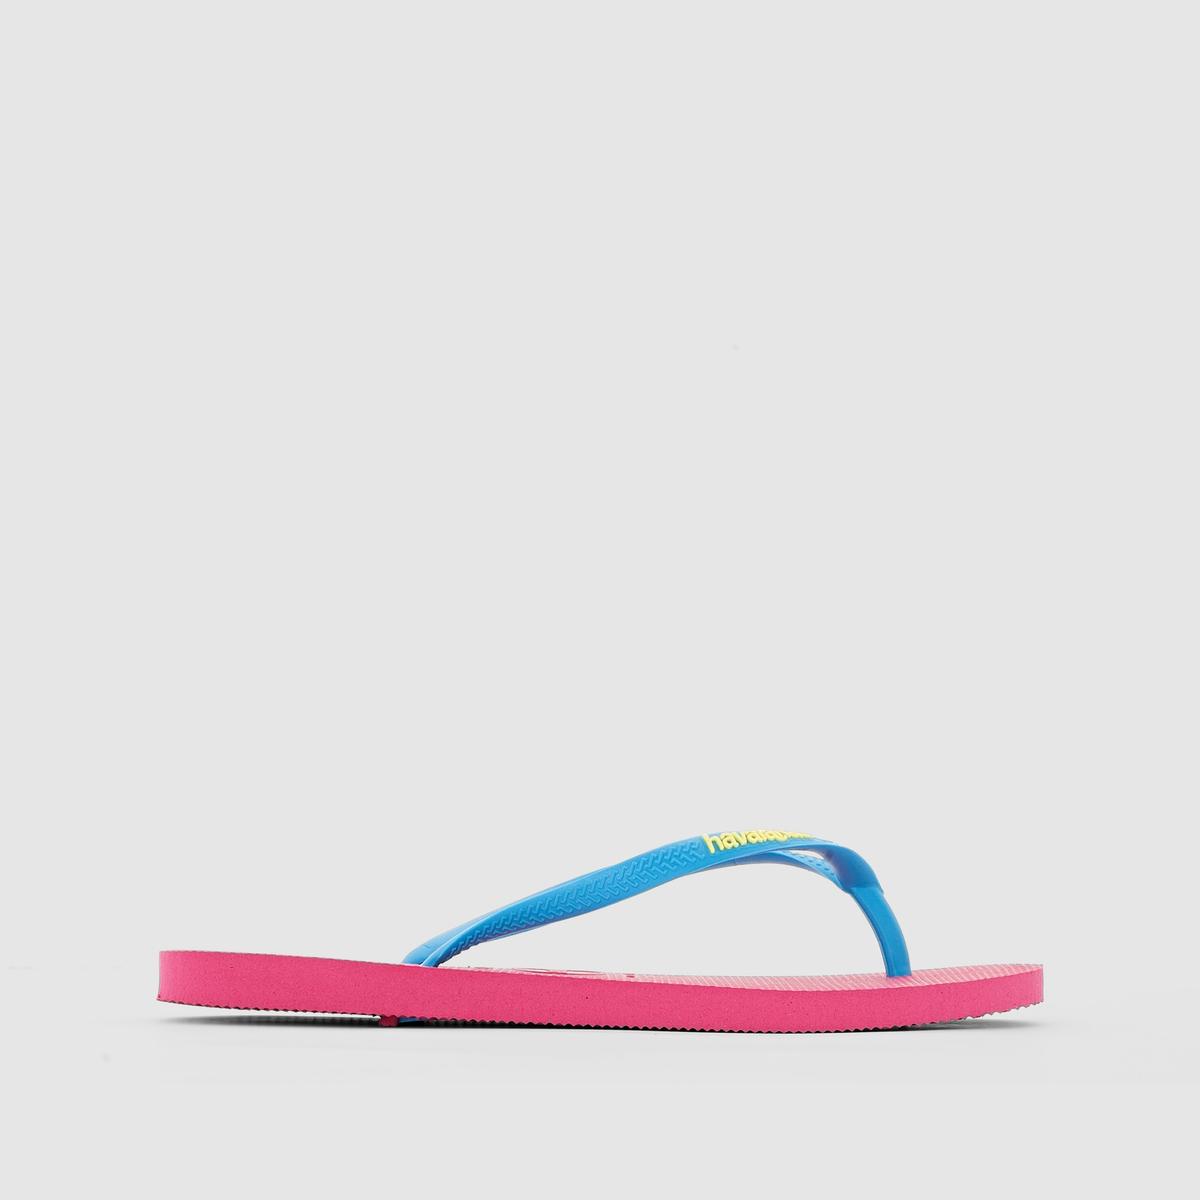 Вьетнамки, HAVAINAS Hav. Slim LogoПреимущества : Рельефный логотип на ремешке, оригинальность при простоте линий - эти вьетнамки от HAVAINAS легко найдут свое место во время пляжного отдыха или прогулок<br><br>Цвет: розовый<br>Размер: 37/38